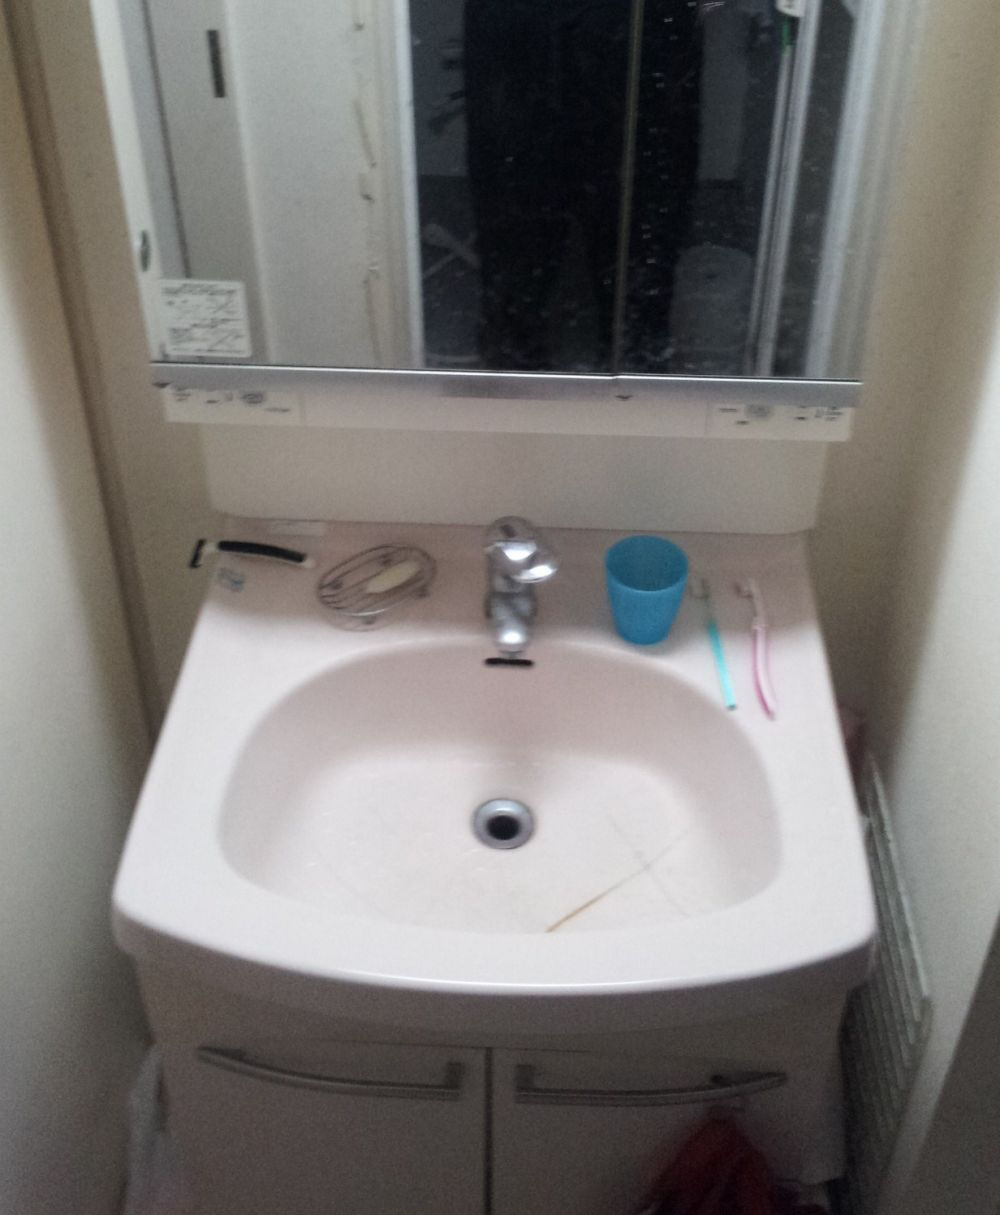 洗面台ボウルにひびが入ったので交換したい|リフォームのことなら家仲間コム